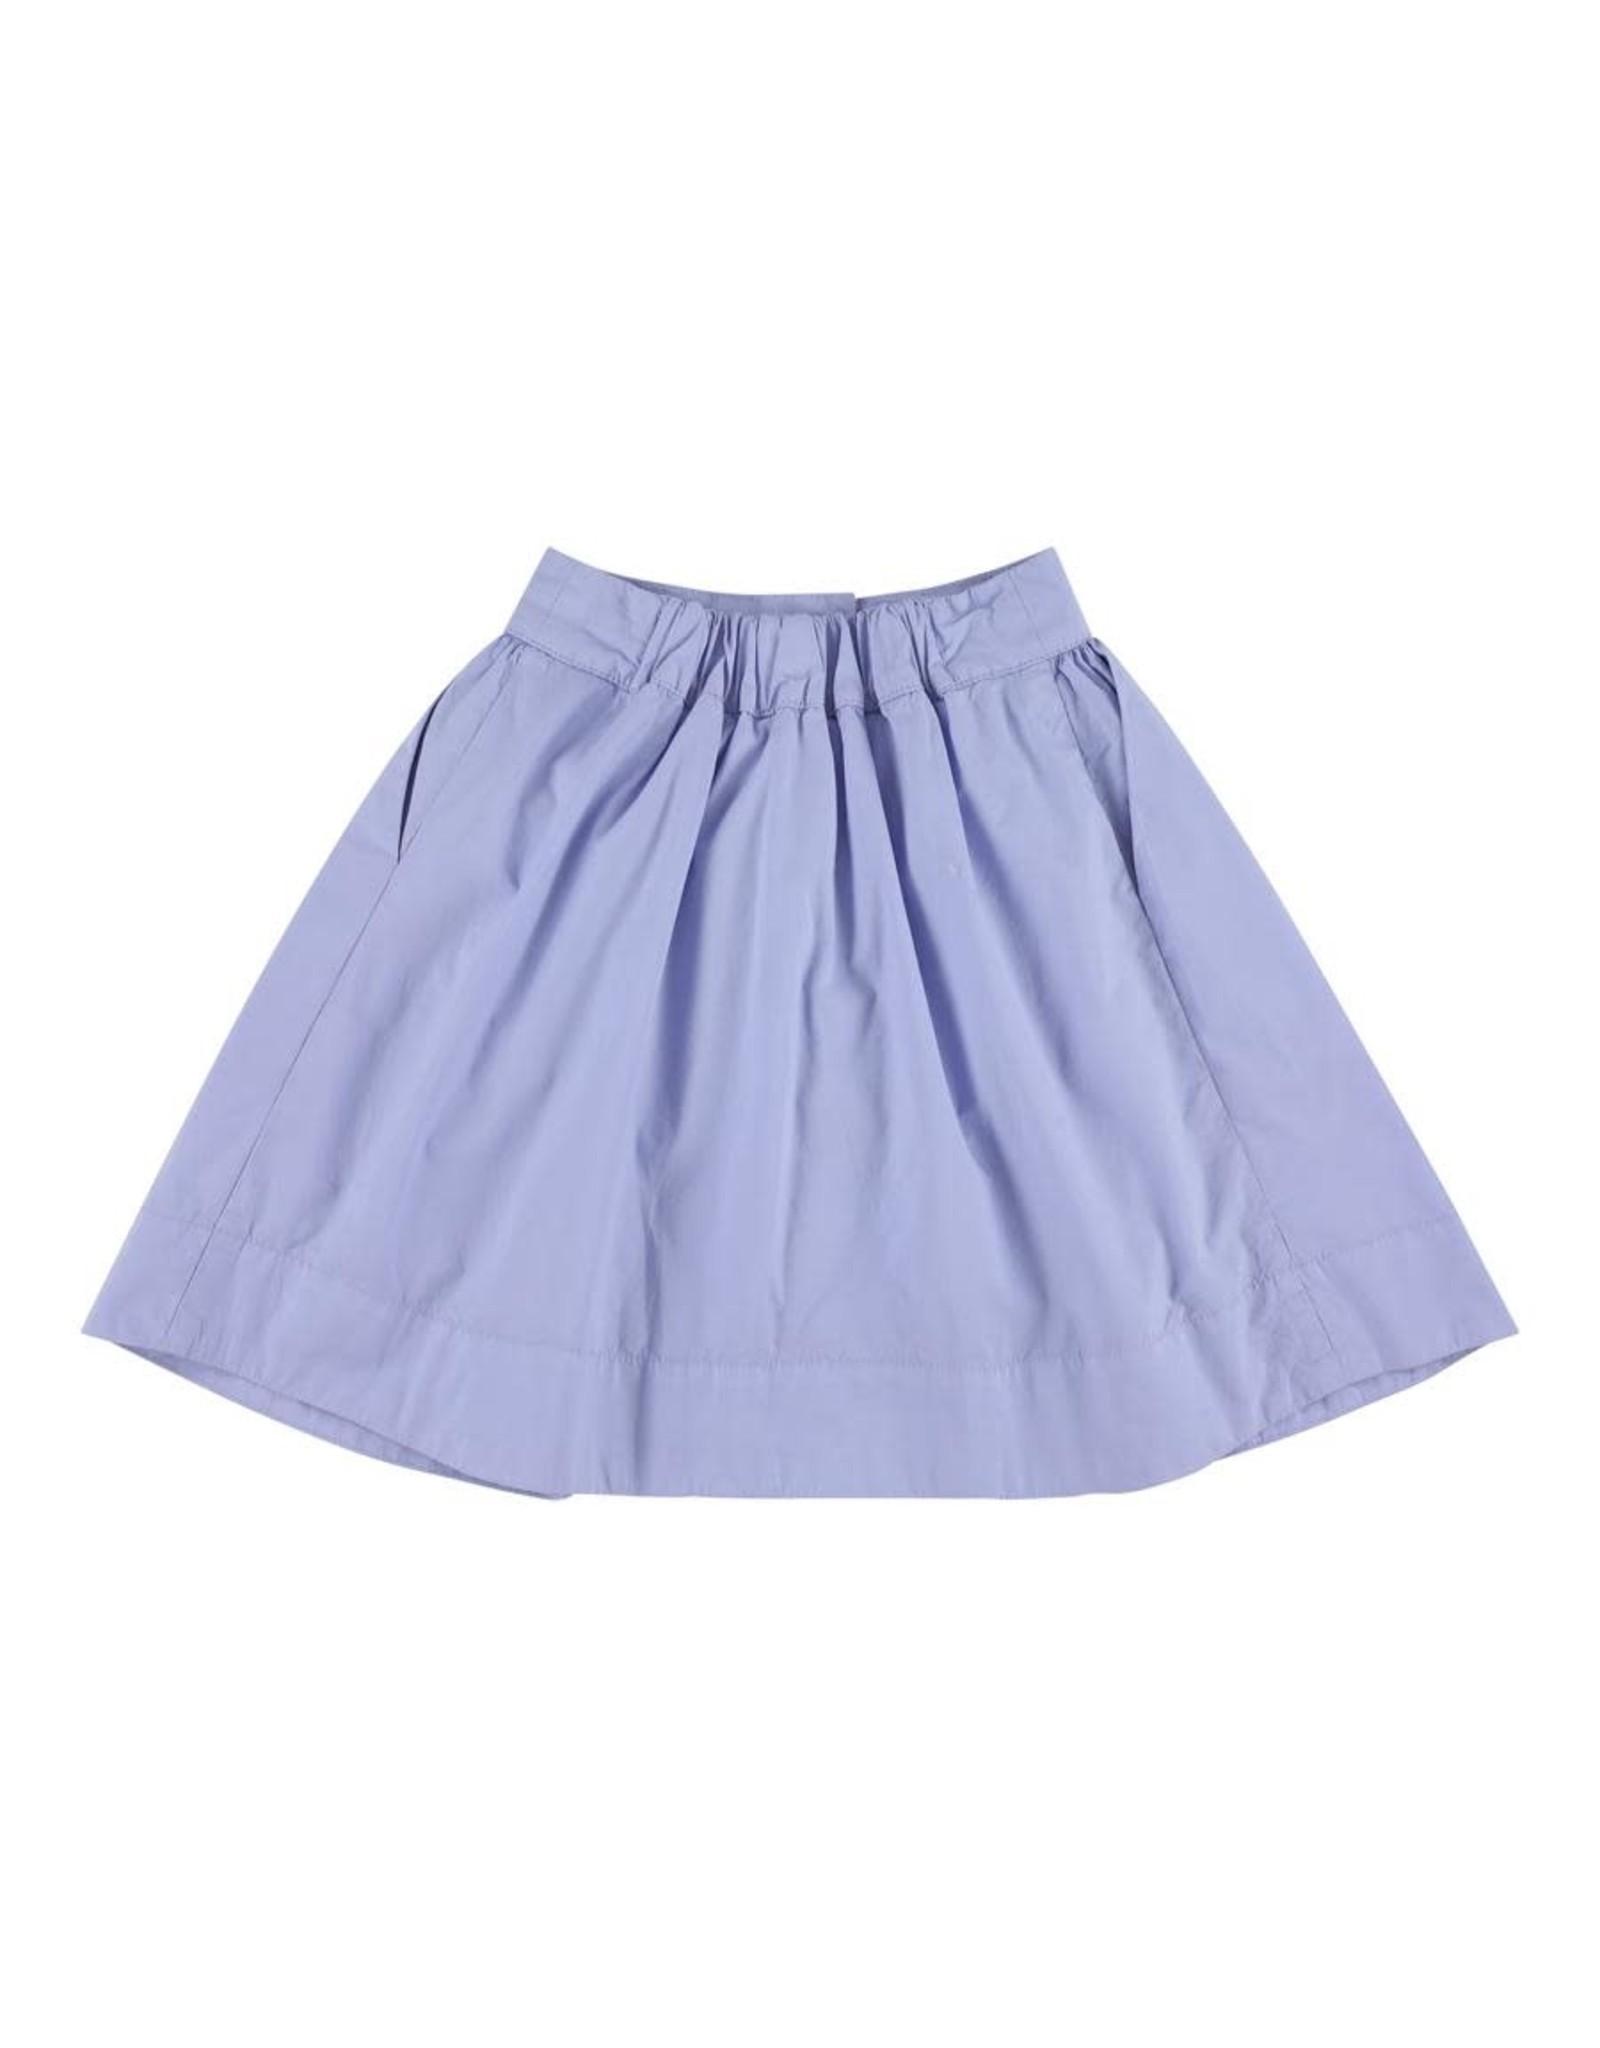 Morley Morley SS21 Mistral Pisang Lavender skirt